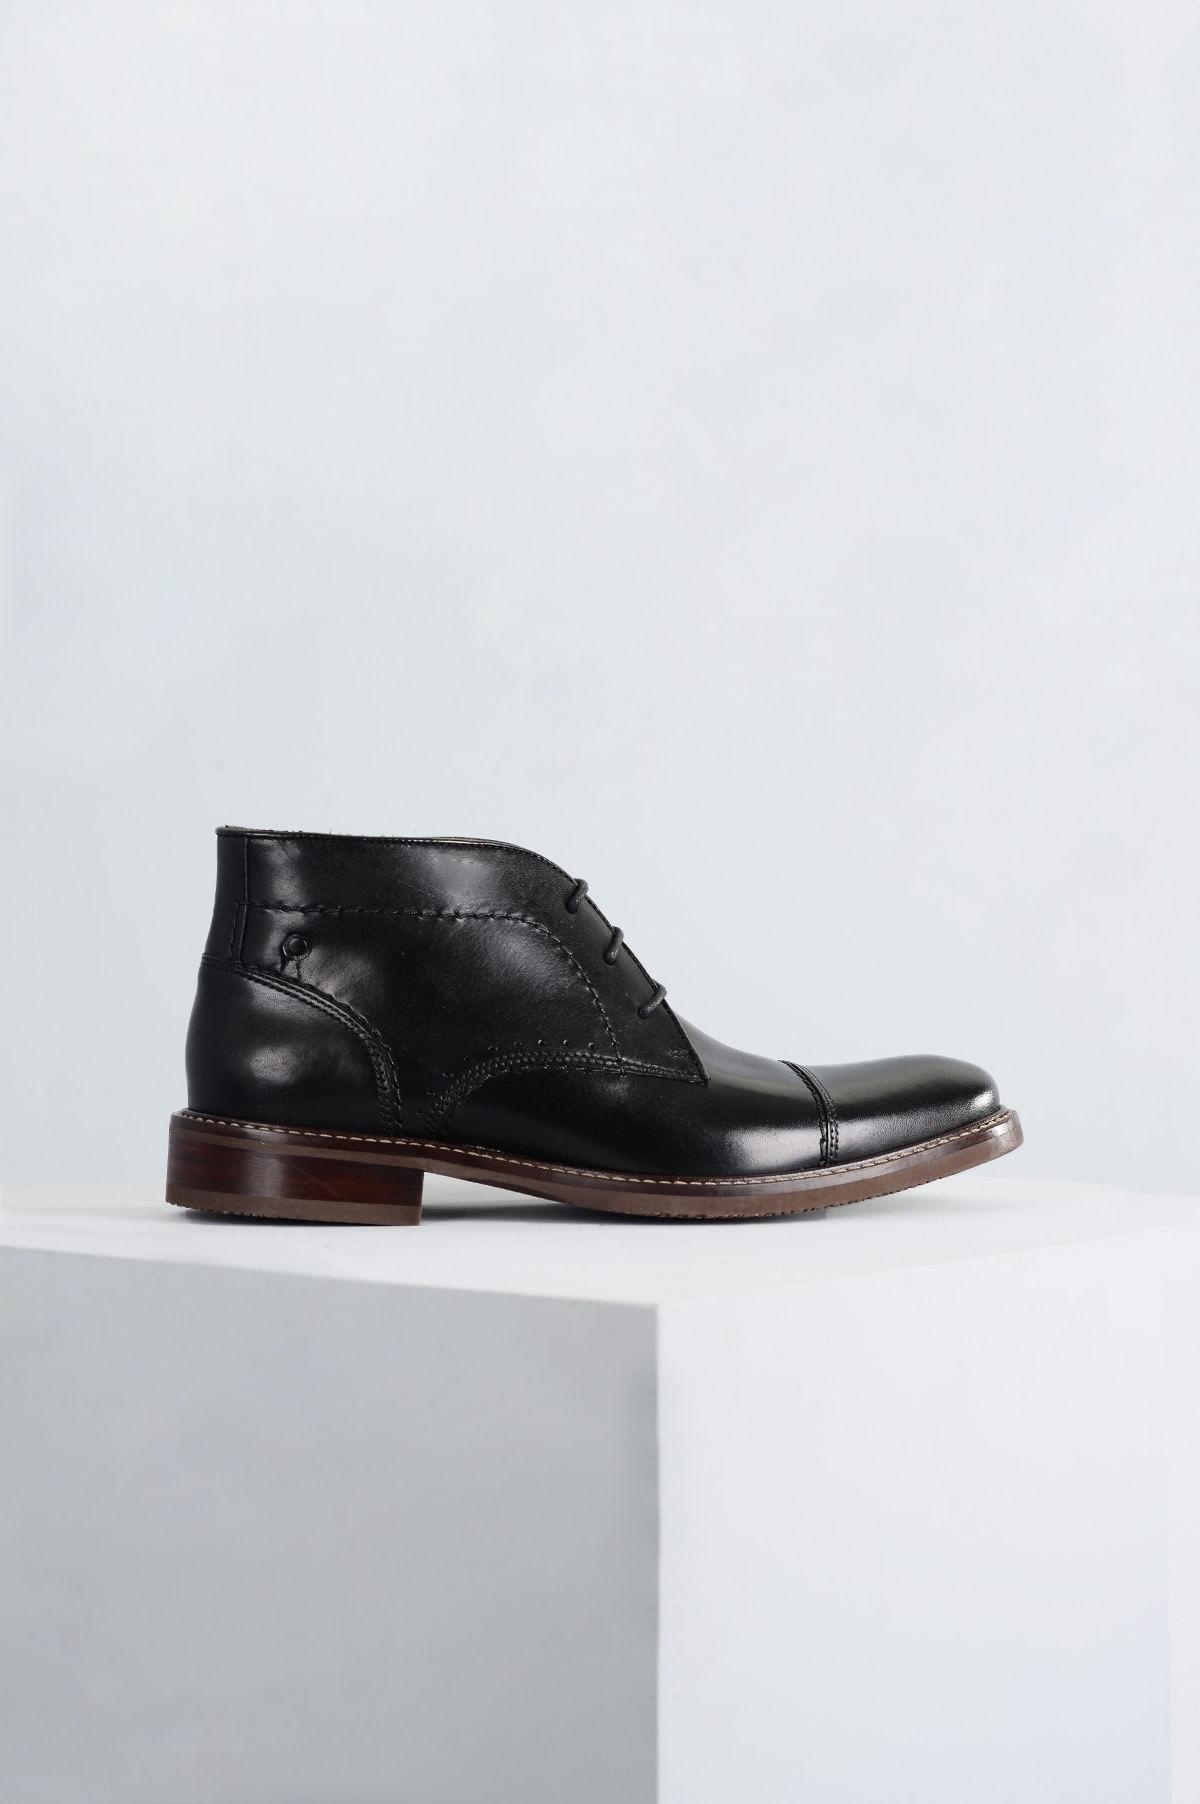 e869b0cb11a Bota Masculina Connor Democrata CR-PRETO - Mundial Calçados